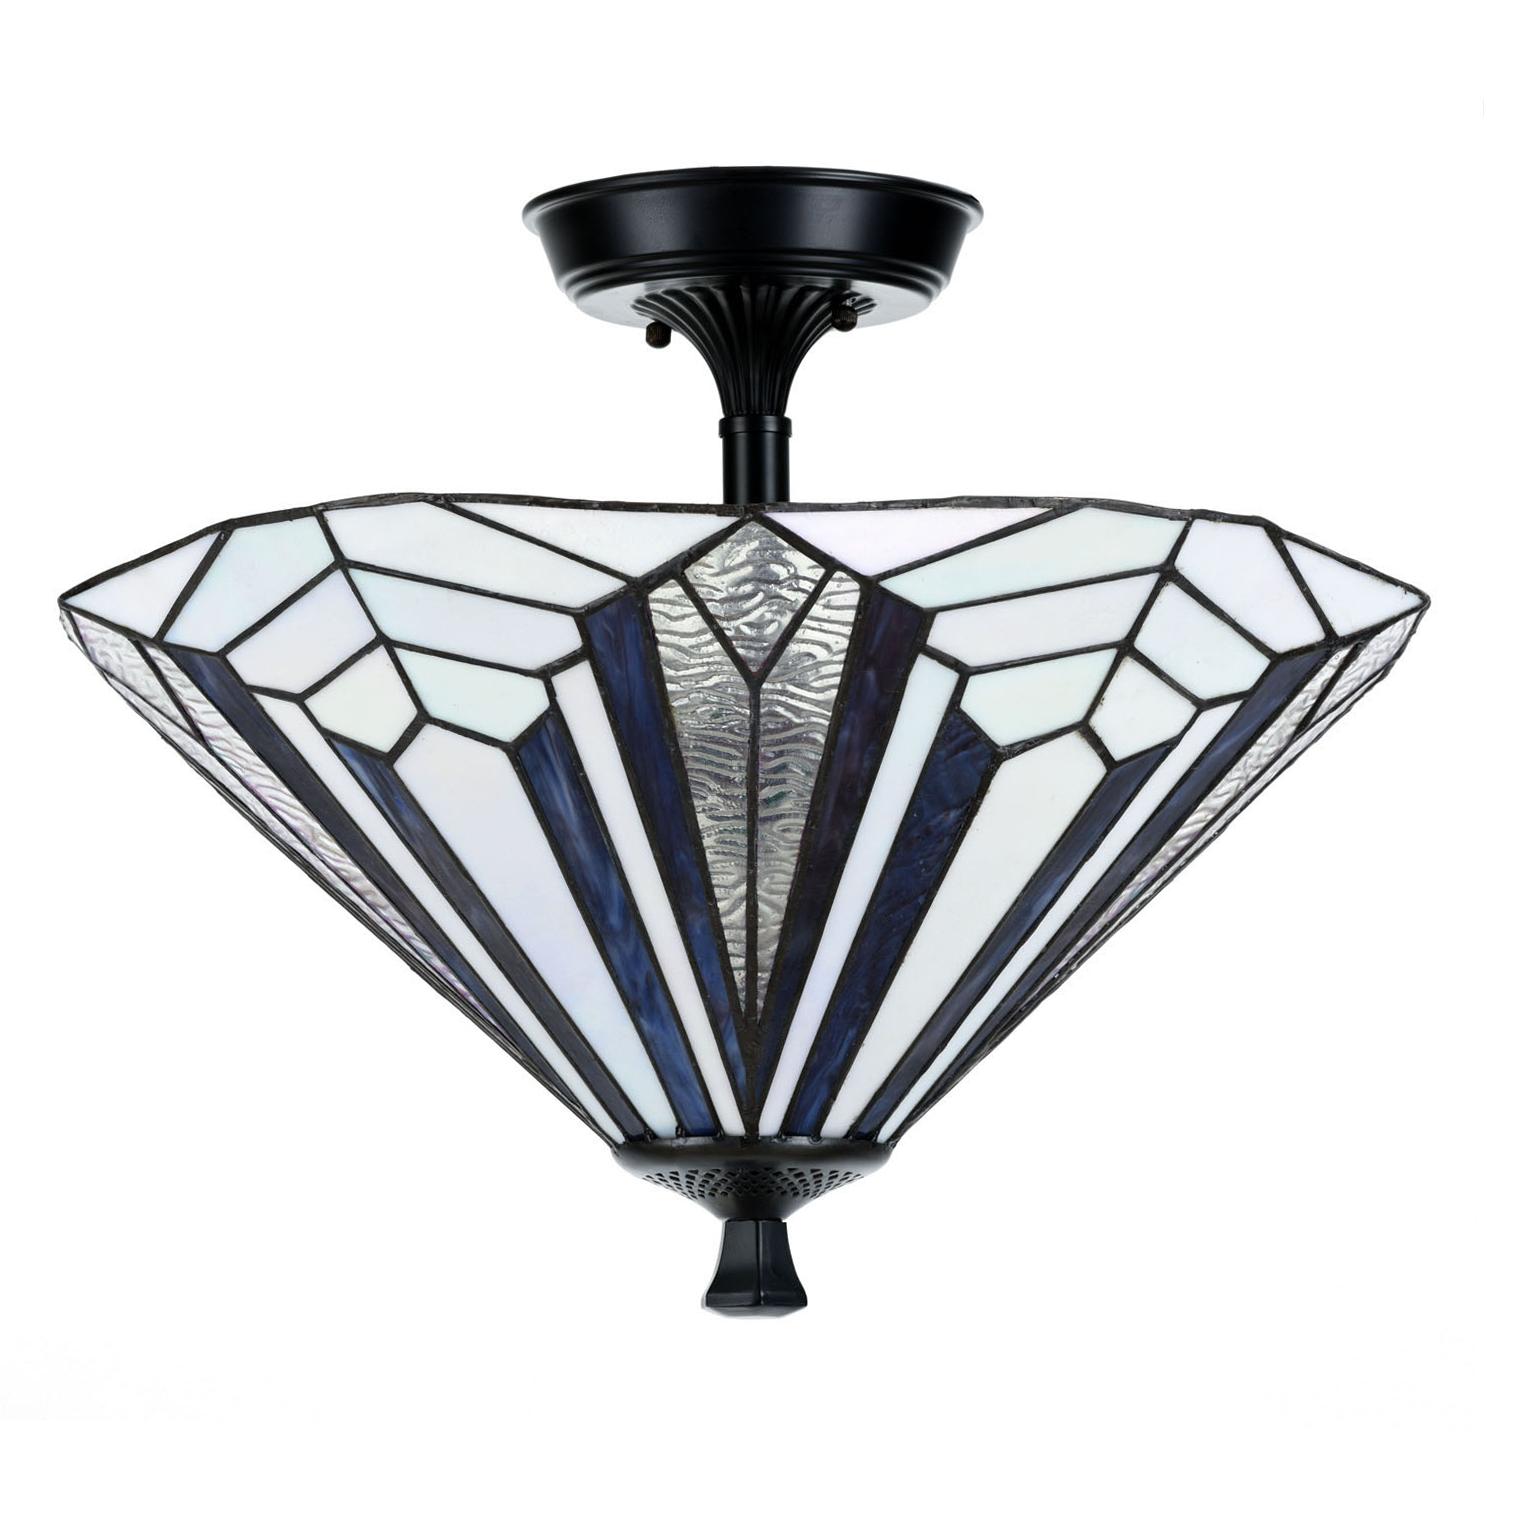 French Art Deco Tiffany Deckenleuchte